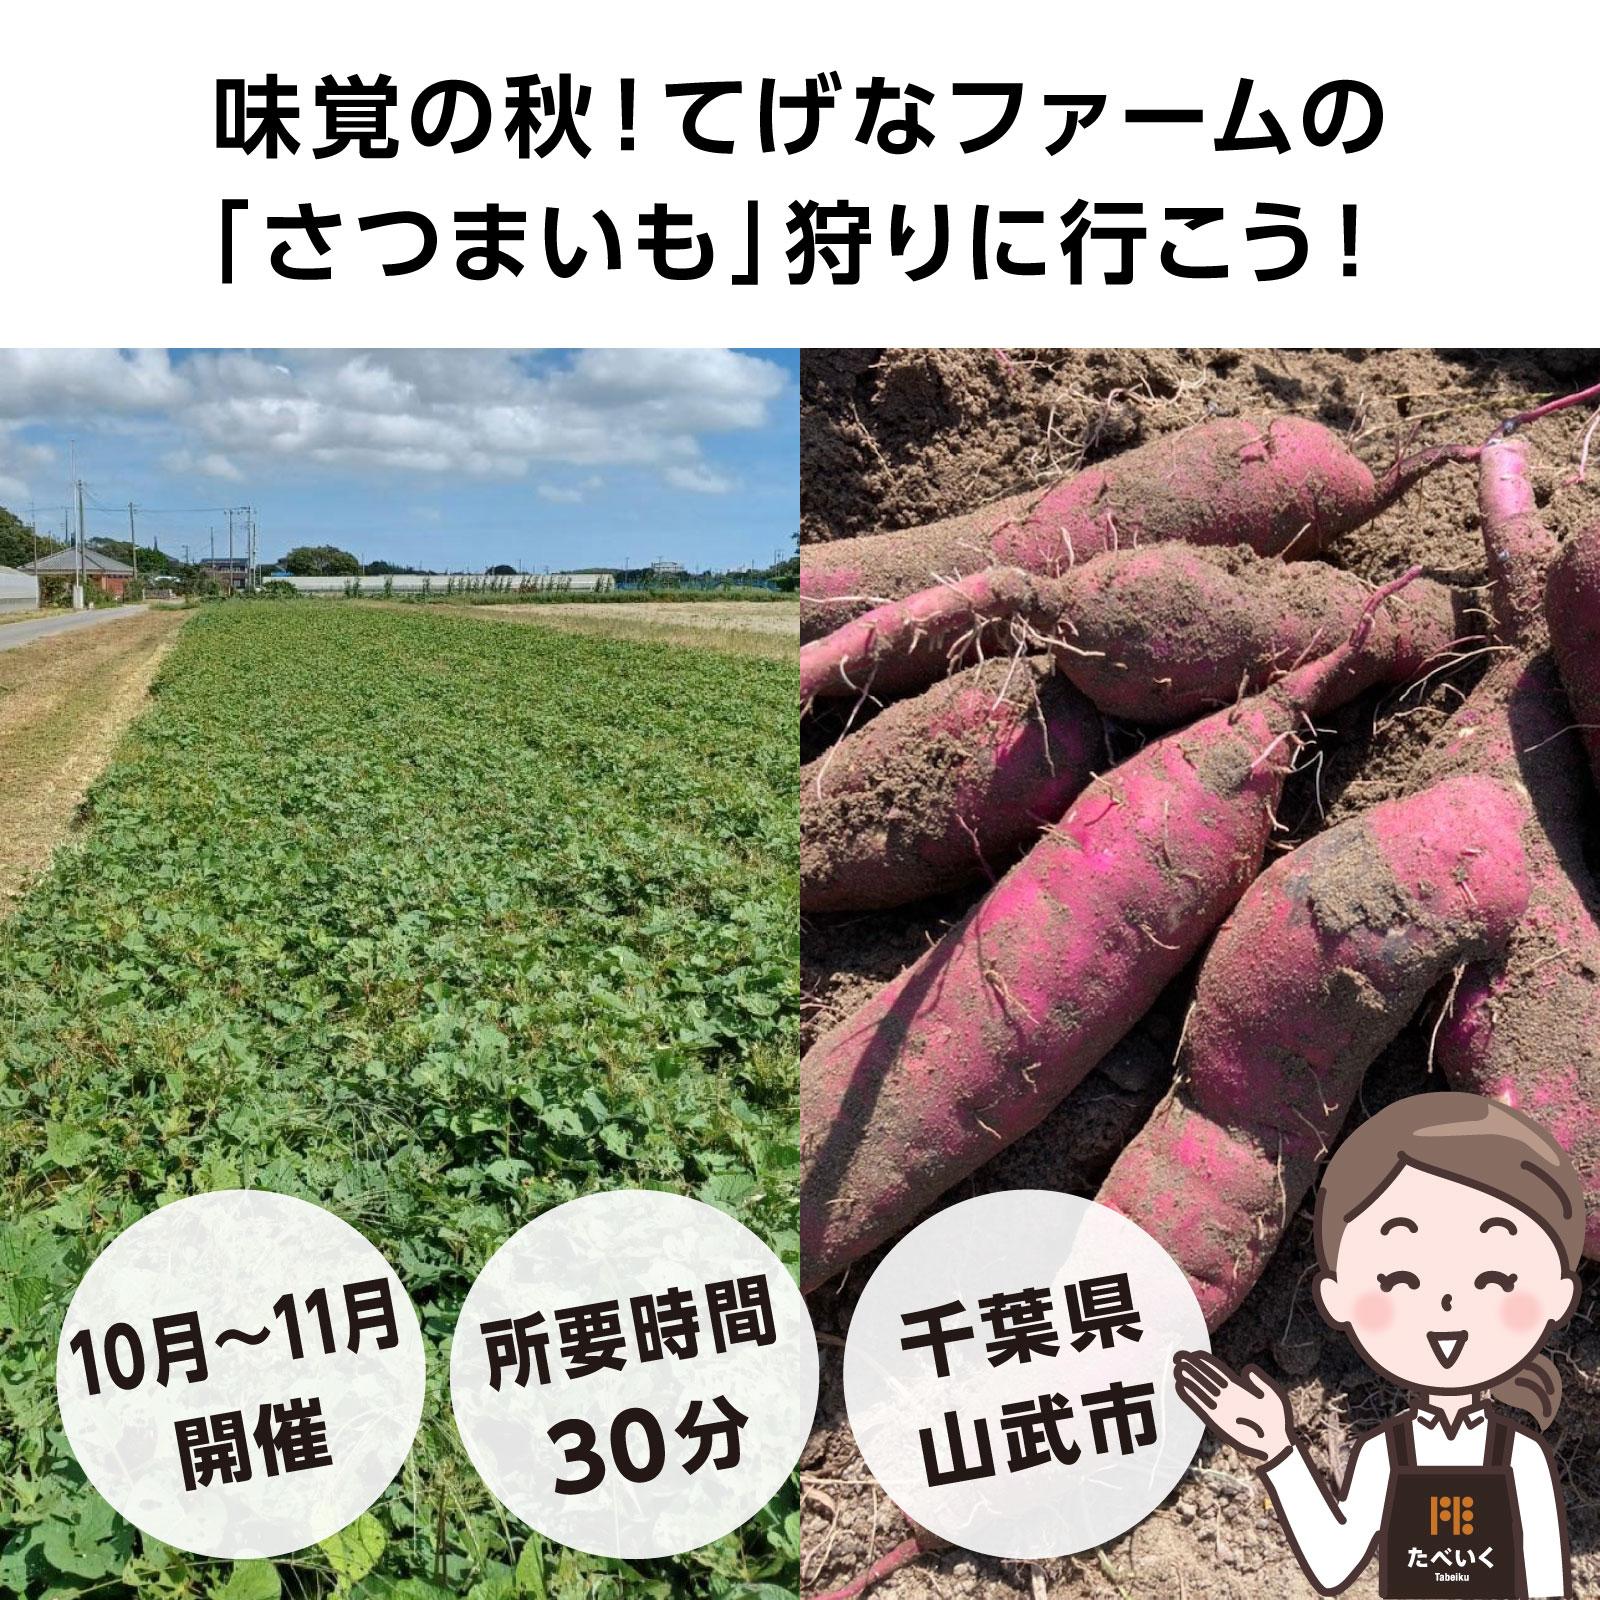 """てげなファームの""""農薬不使用さつまいも""""の収穫体験へ行こう!"""